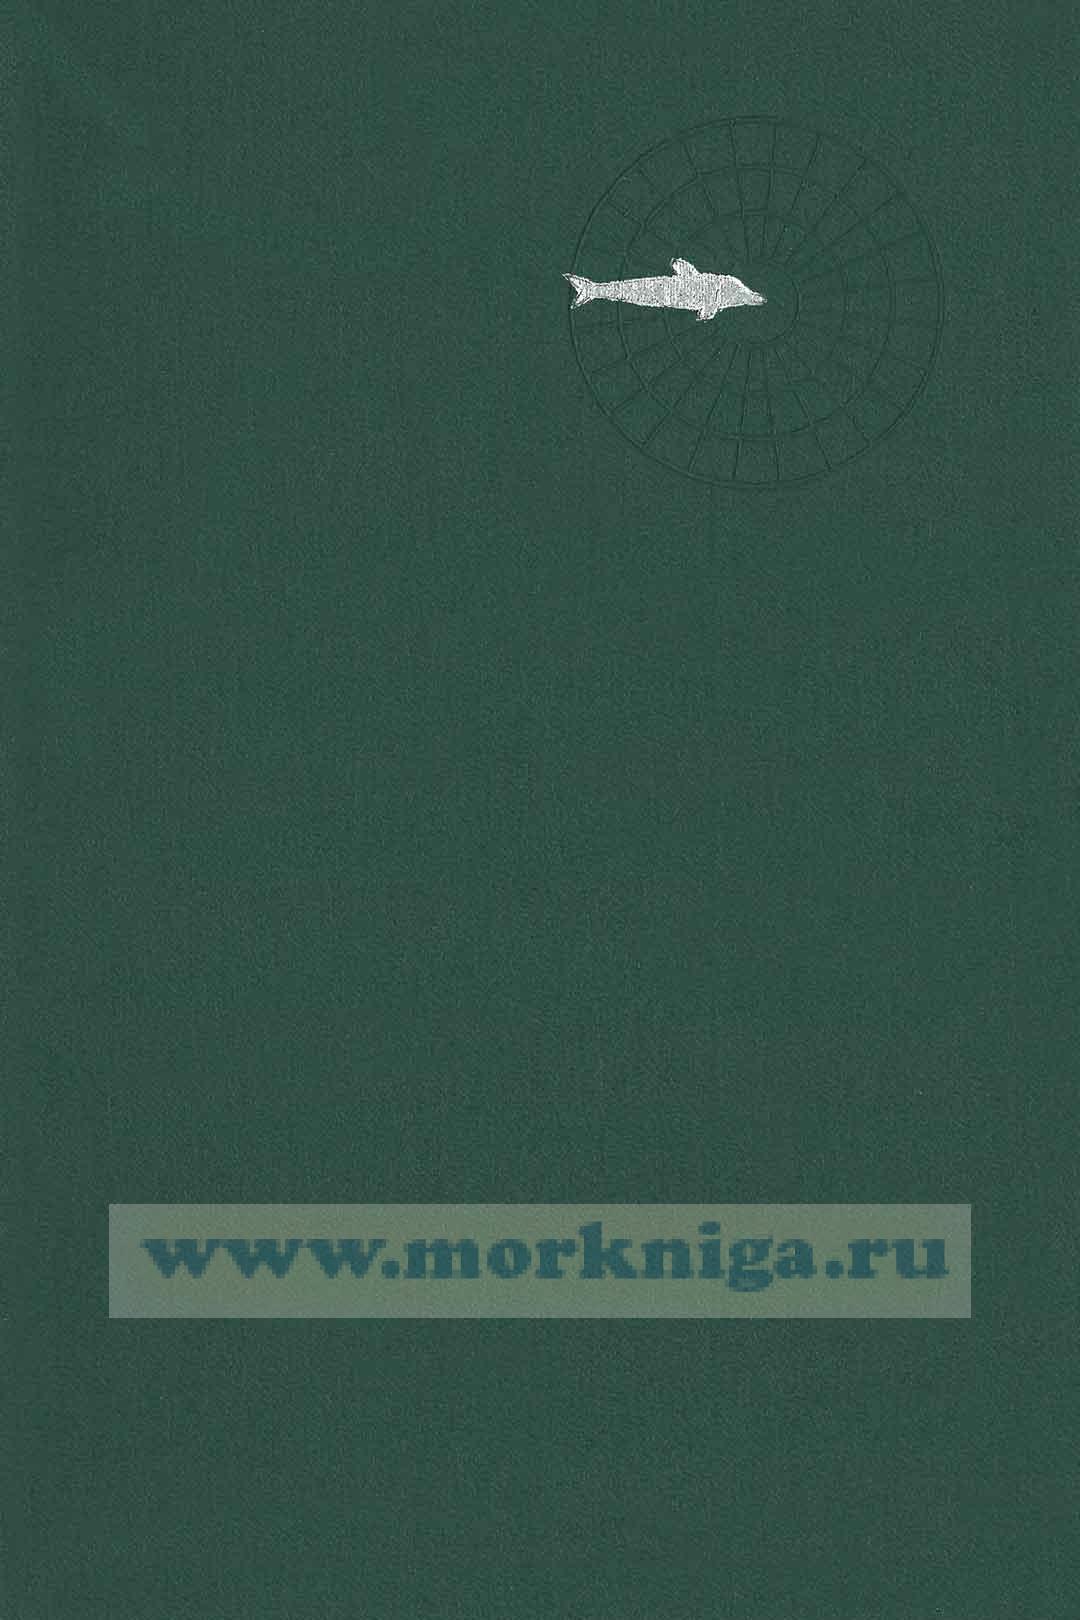 Морская биоакустика